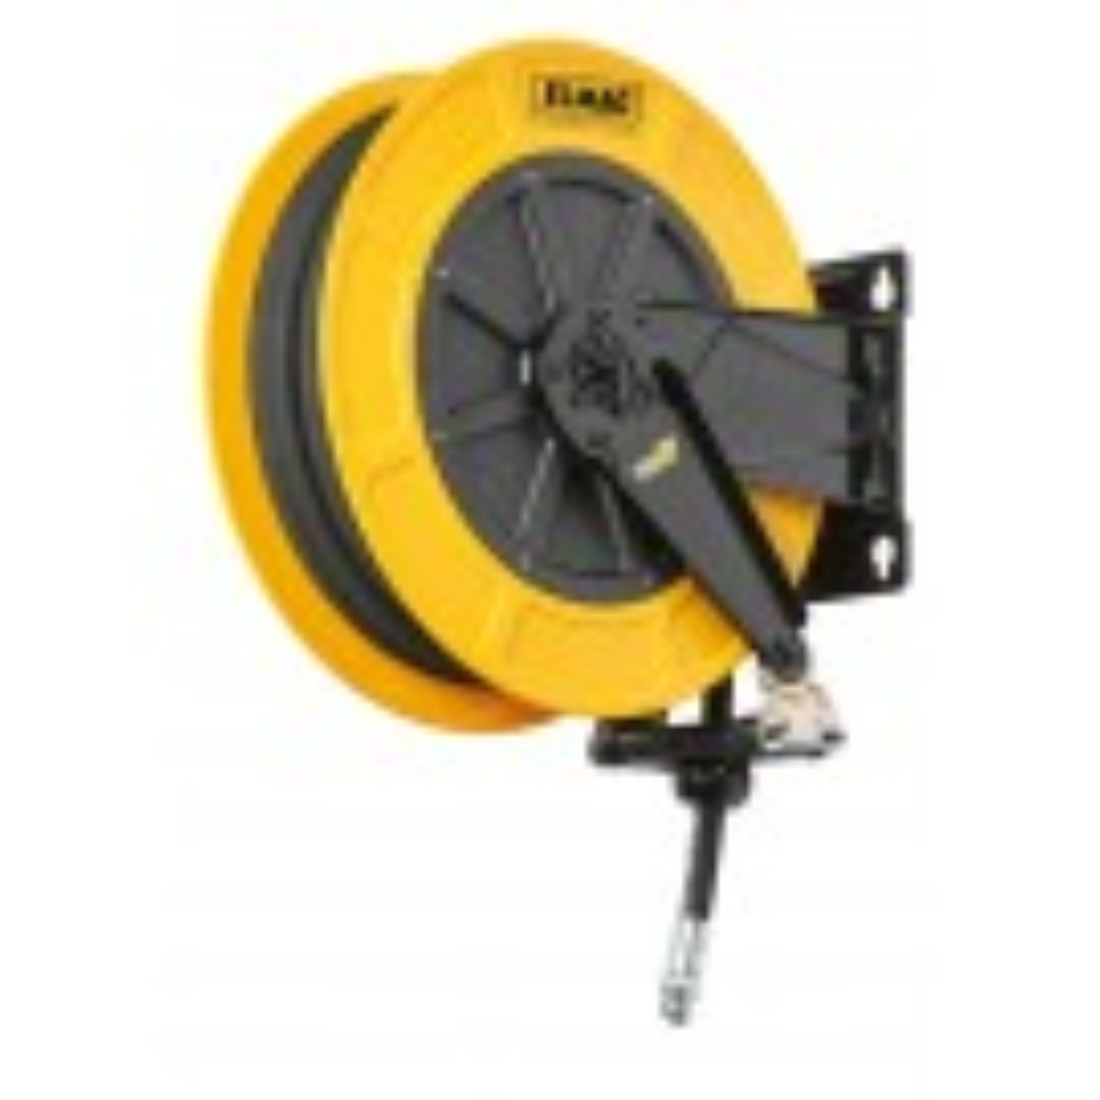 INDUSTRIE Schlauchaufroller '4430/11' für Druckluft u. Wasser 70°C, 15 m, 1/2', 20bar'ABS-Kunststofftrommel'